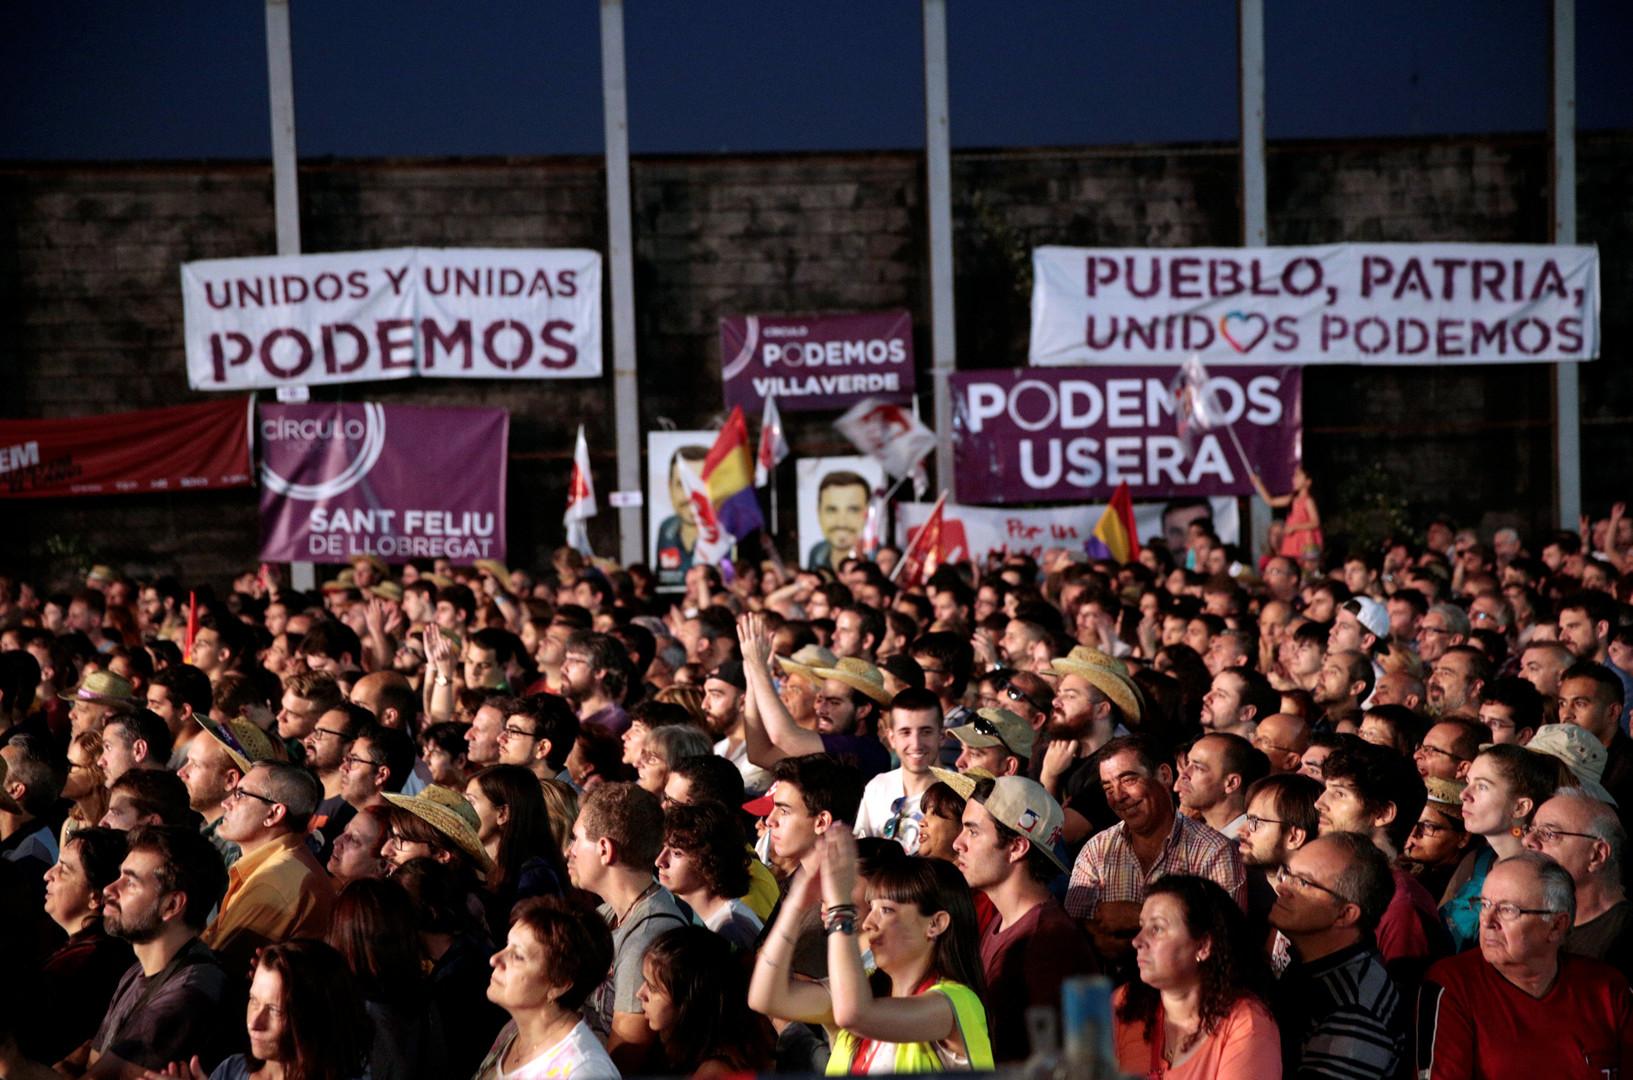 Признание ошибочности санкций, выход из НАТО: чего требуют левые в Испании